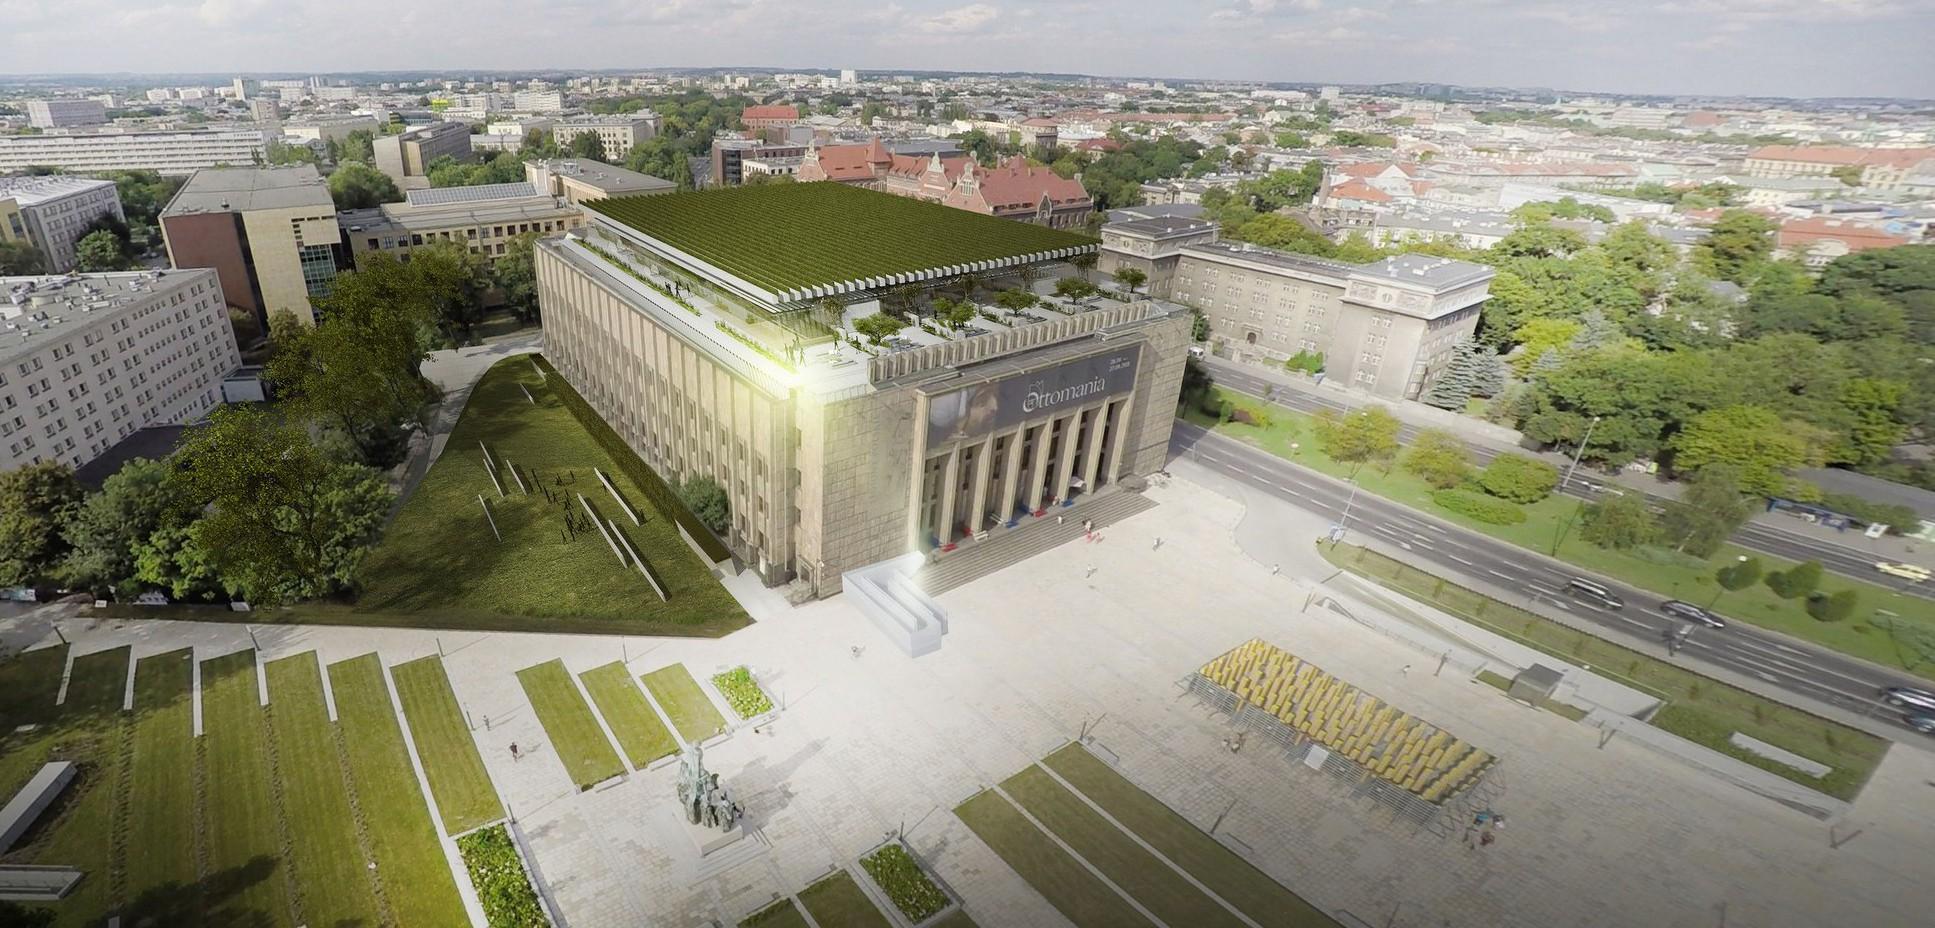 Przebudowa MNK, proj. Stelmach i Partnerzy Biuro Architektoniczne Sp. z o.o. (źródło: materiały prasowe)